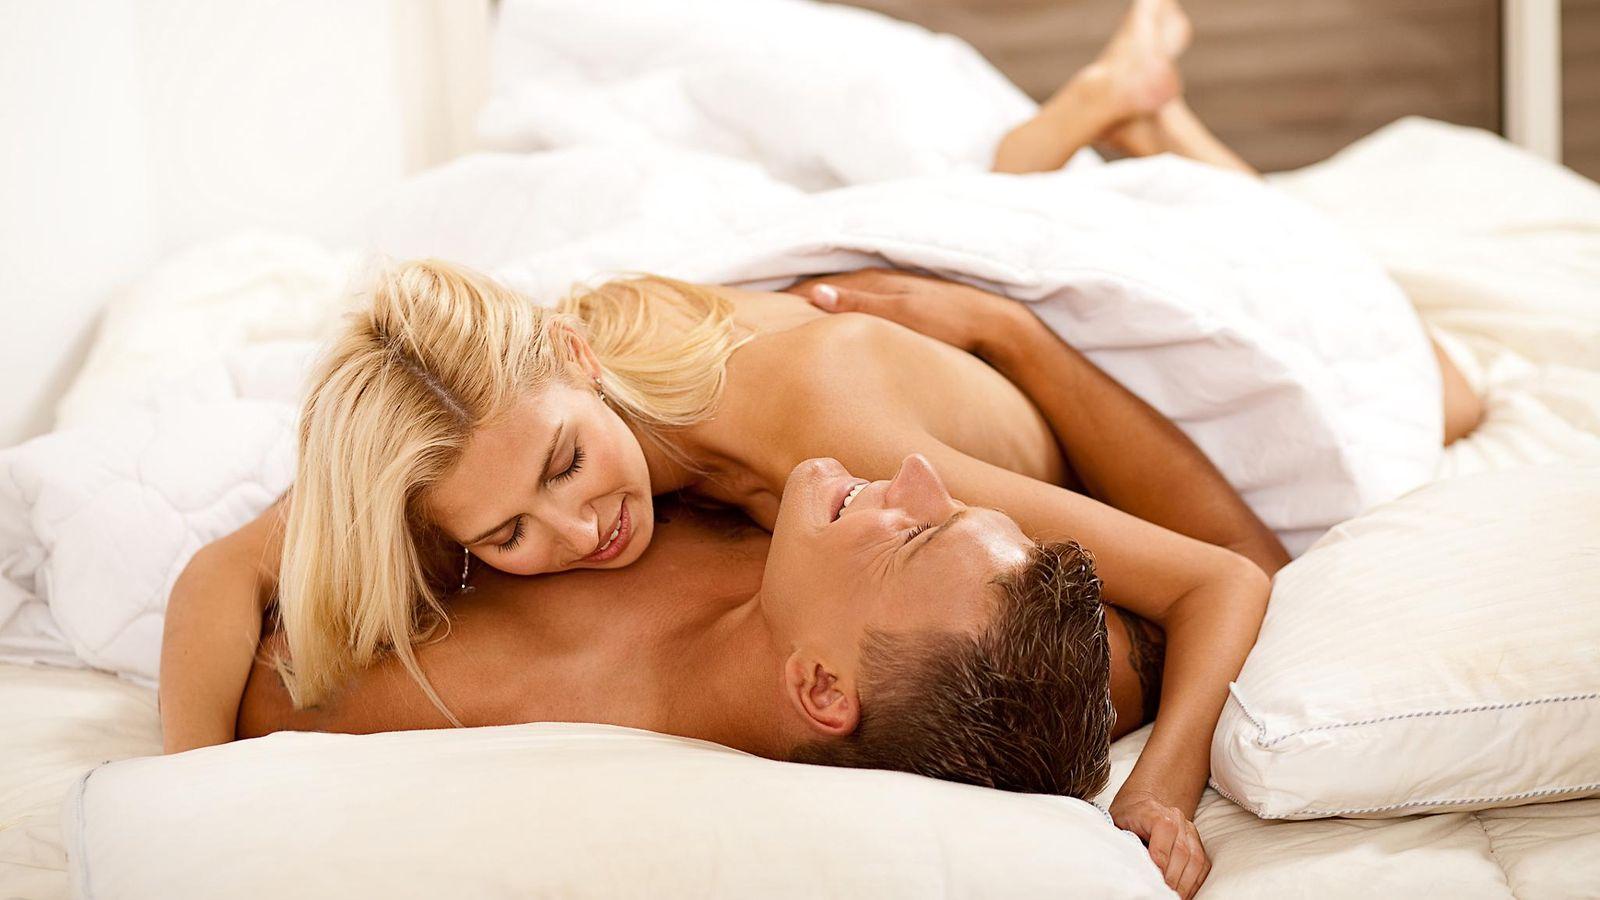 Трахает и делает больно, Порно Больно -видео. Смотреть порно онлайн! 20 фотография